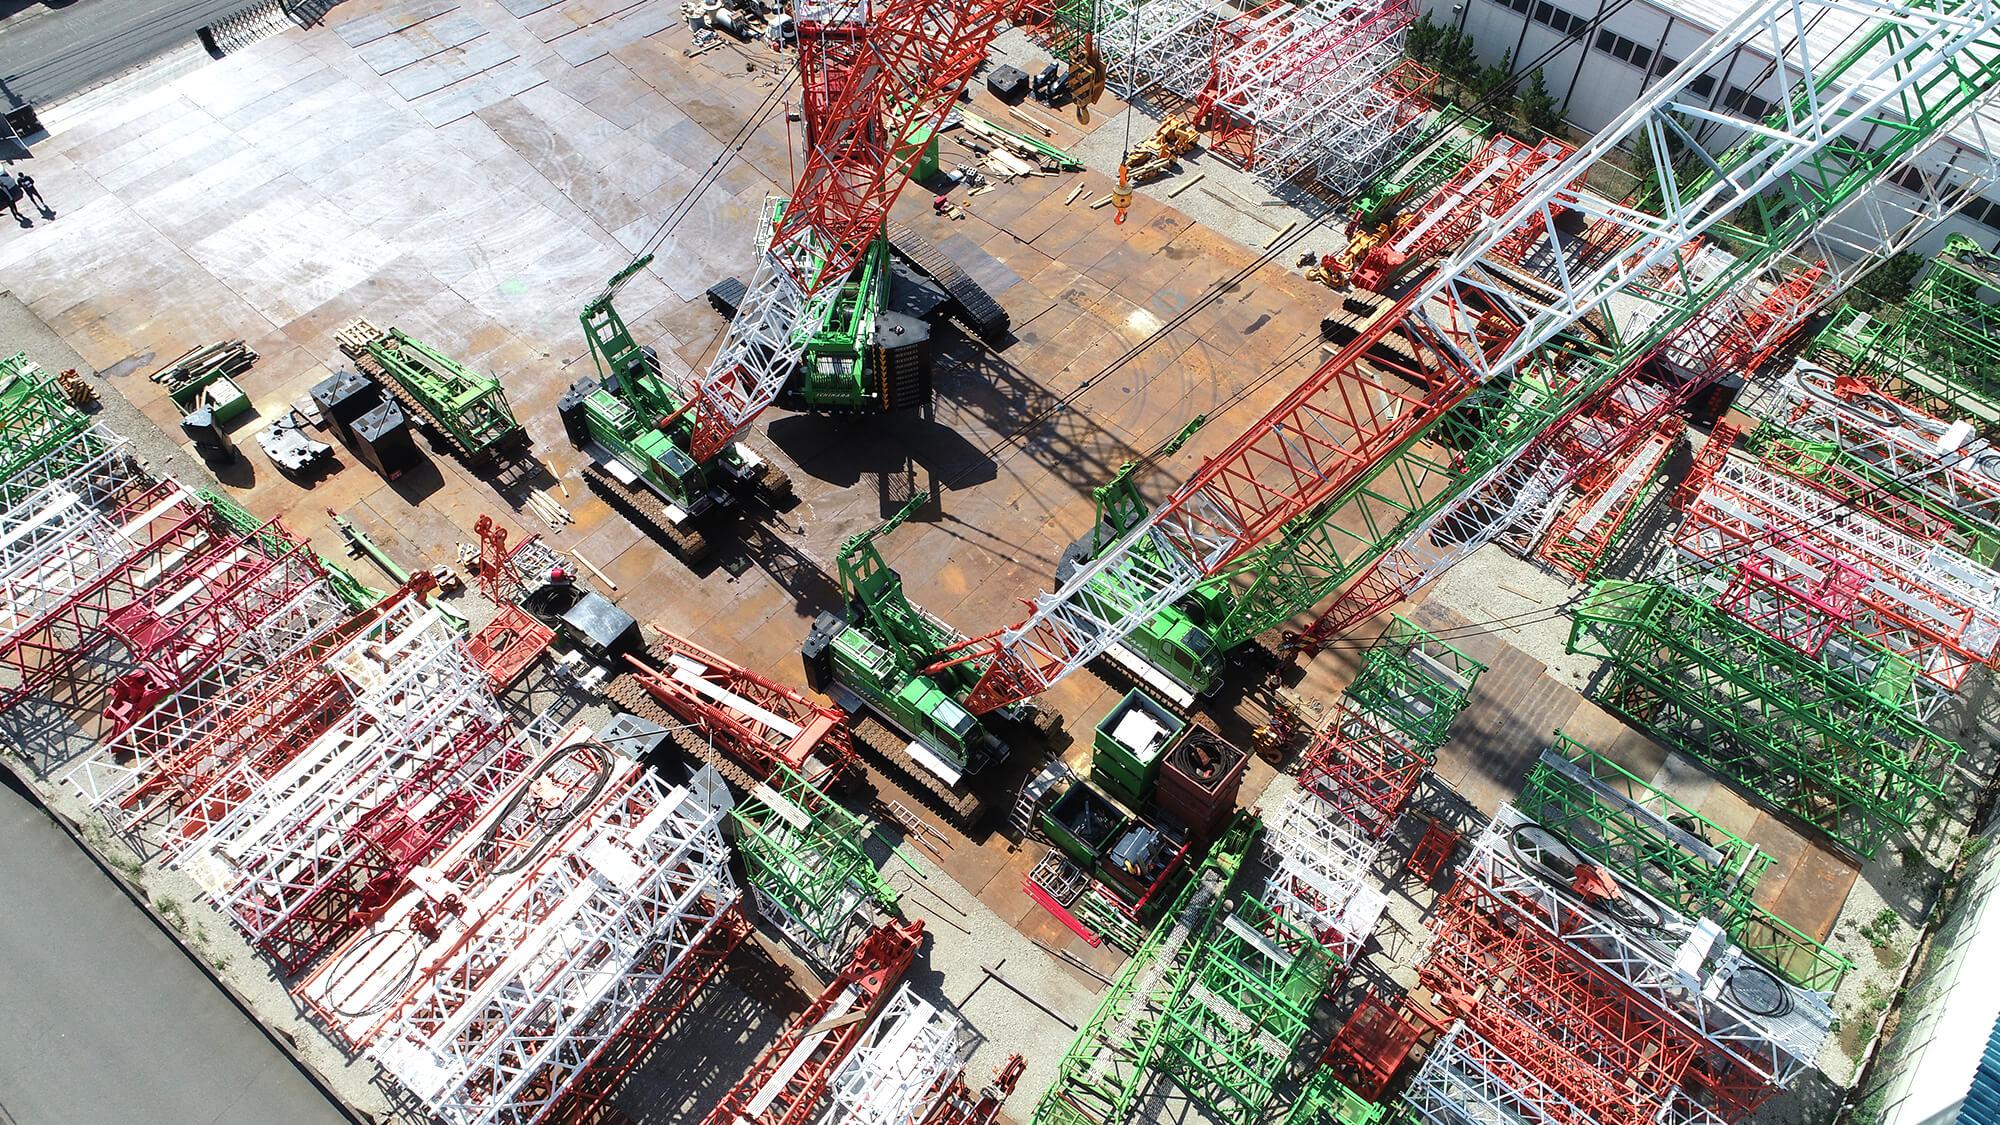 市原重機建設のクローラークレーンや資材置き場の空撮写真